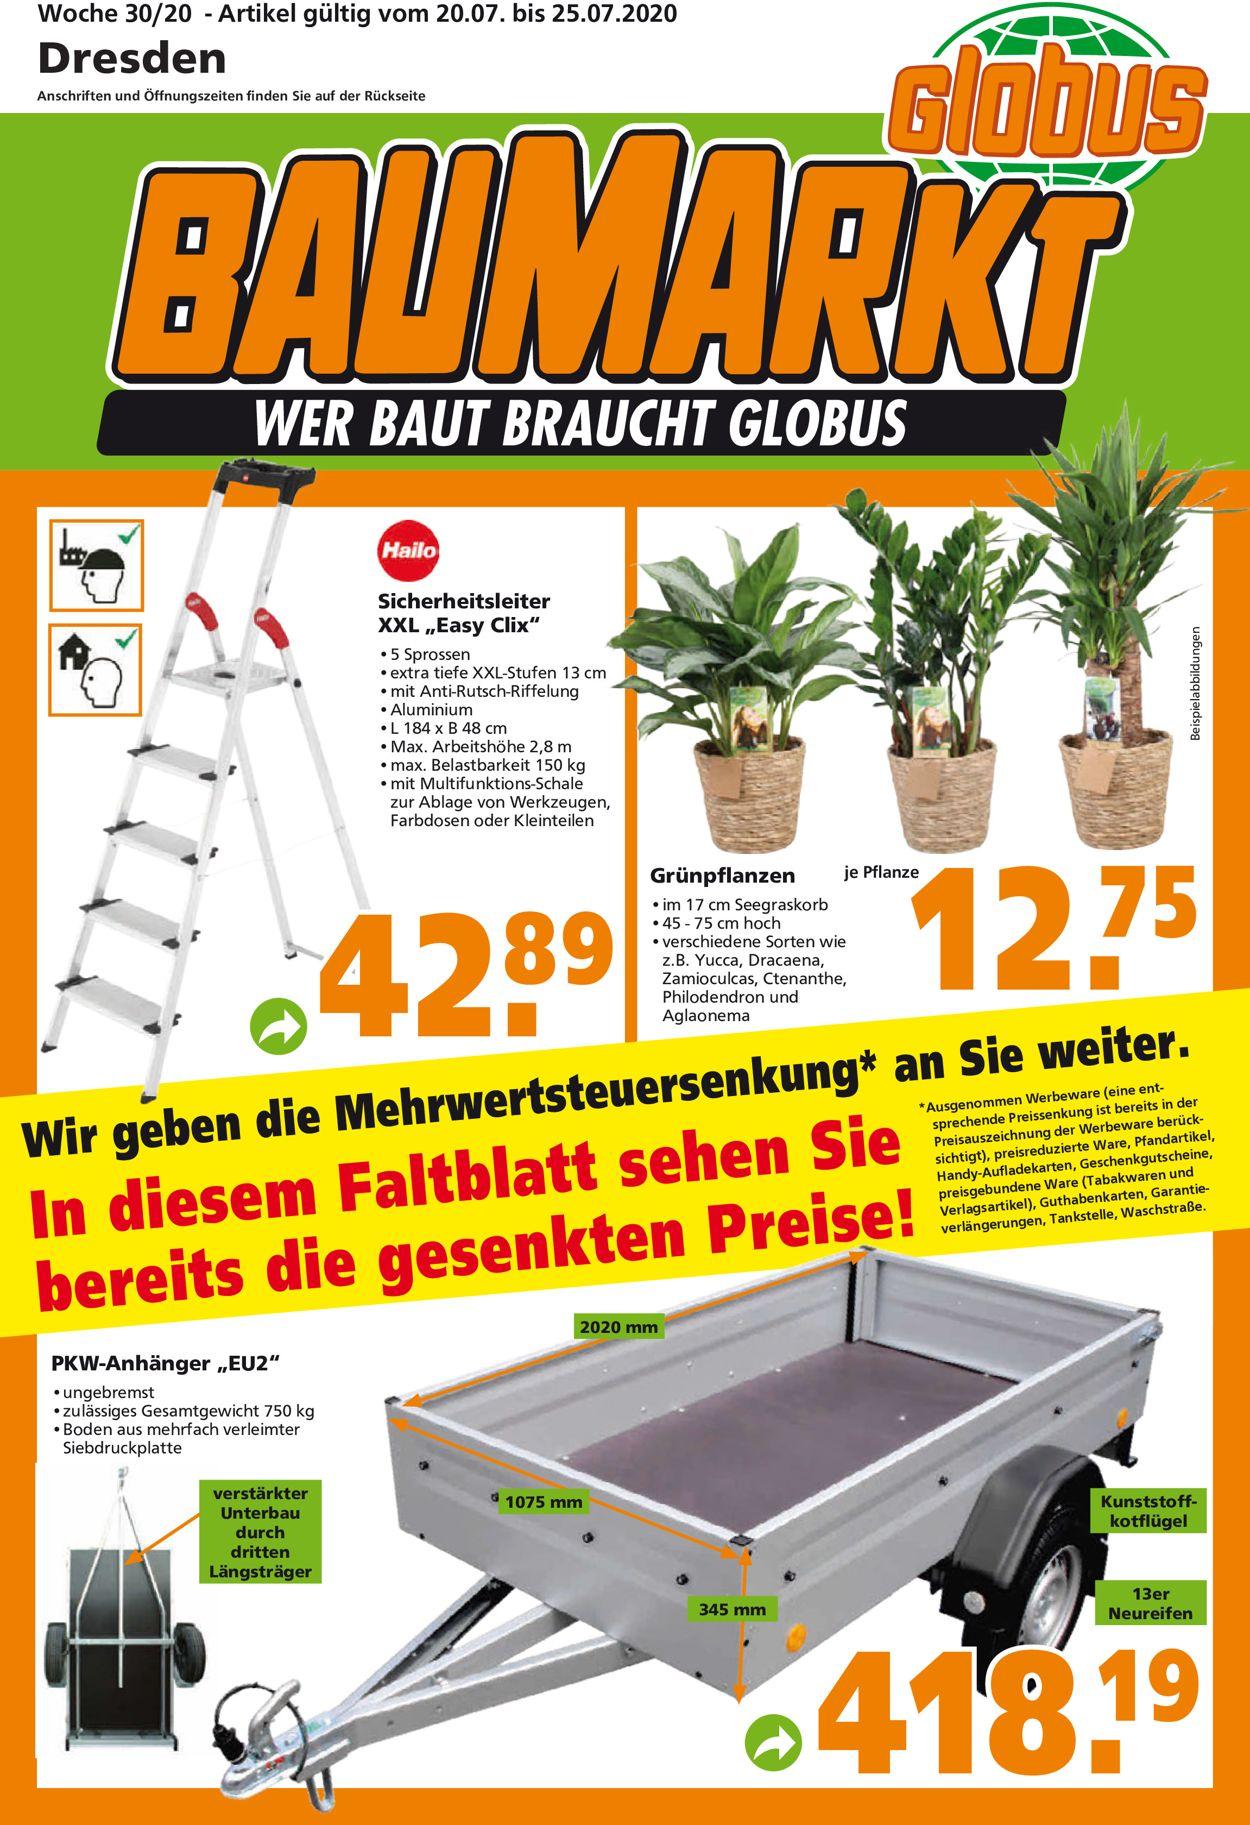 Globus Baumarkt Prospekt - Aktuell vom 20.07-25.07.2020